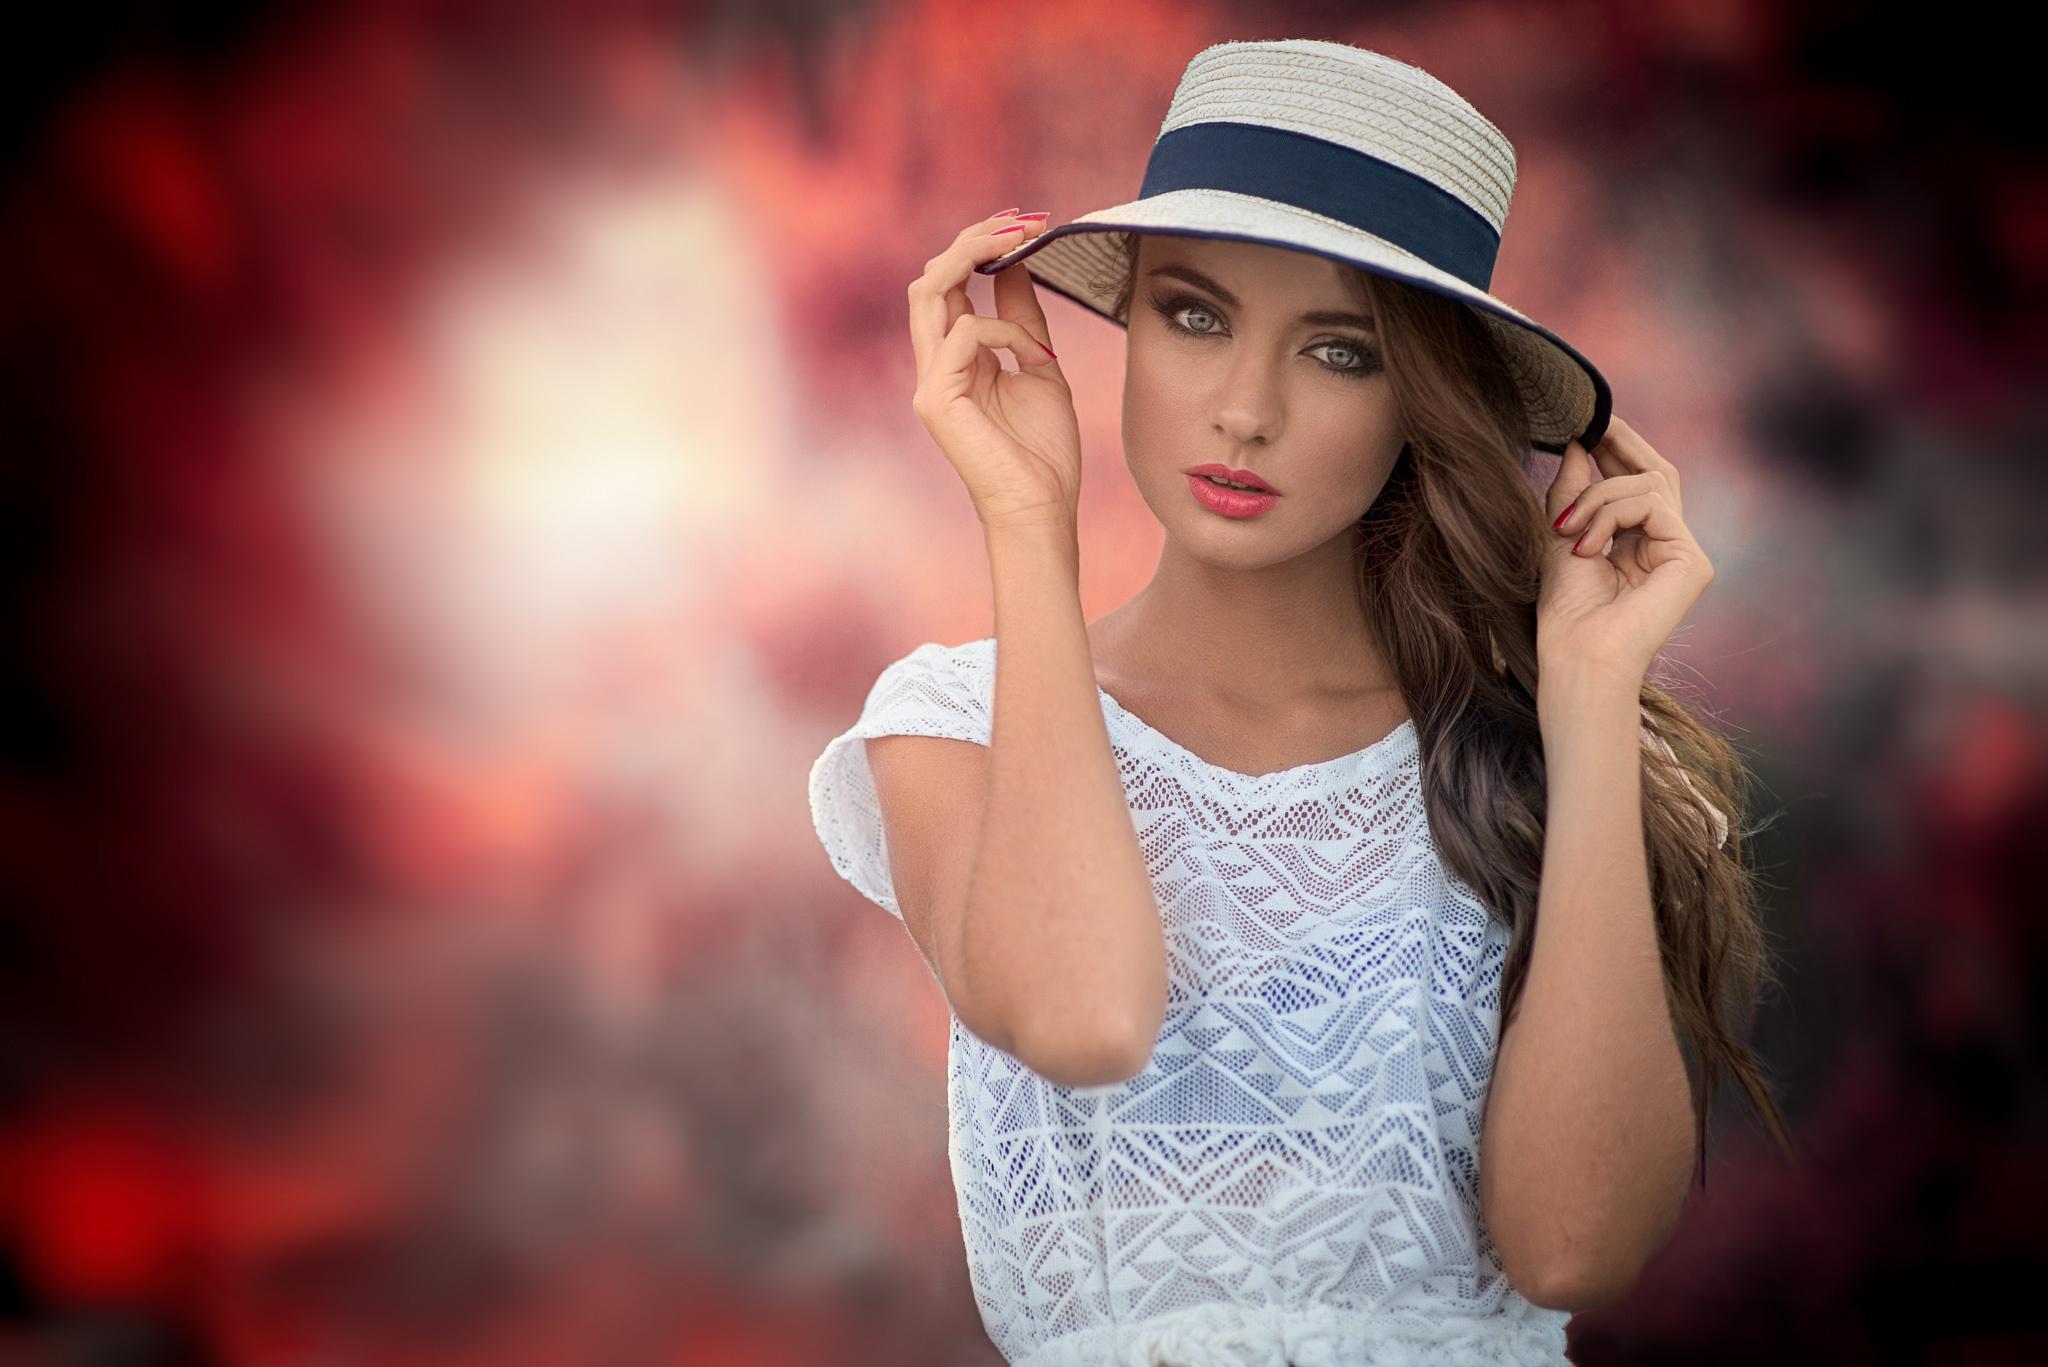 частное фото девушки в шляпках - 13